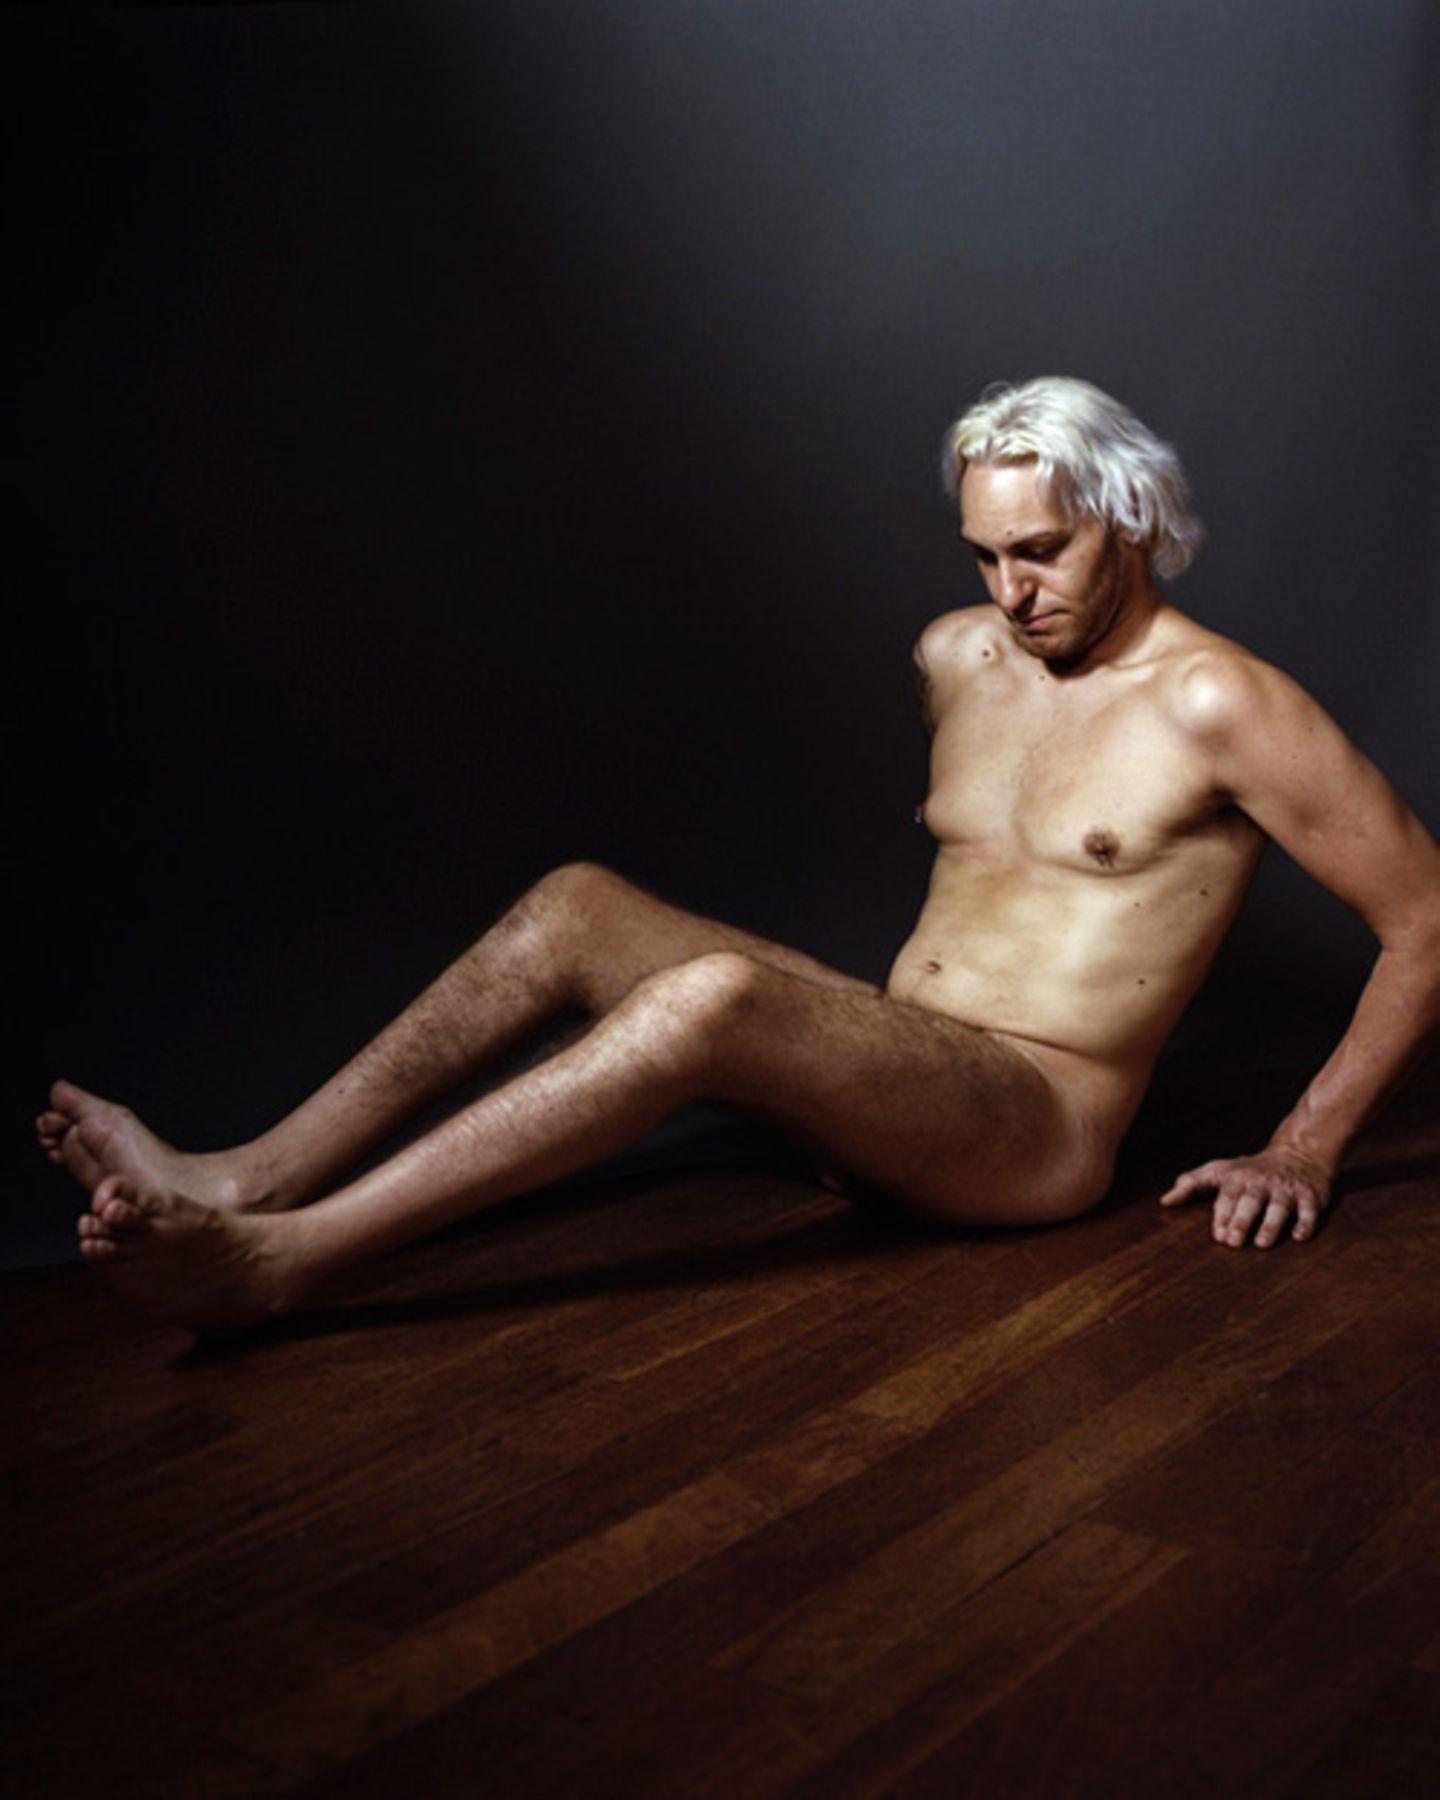 Bewegende Fotos: Seine Models fand der Fotograf in einem Internet-Forum für Menschen mit Behinderung.